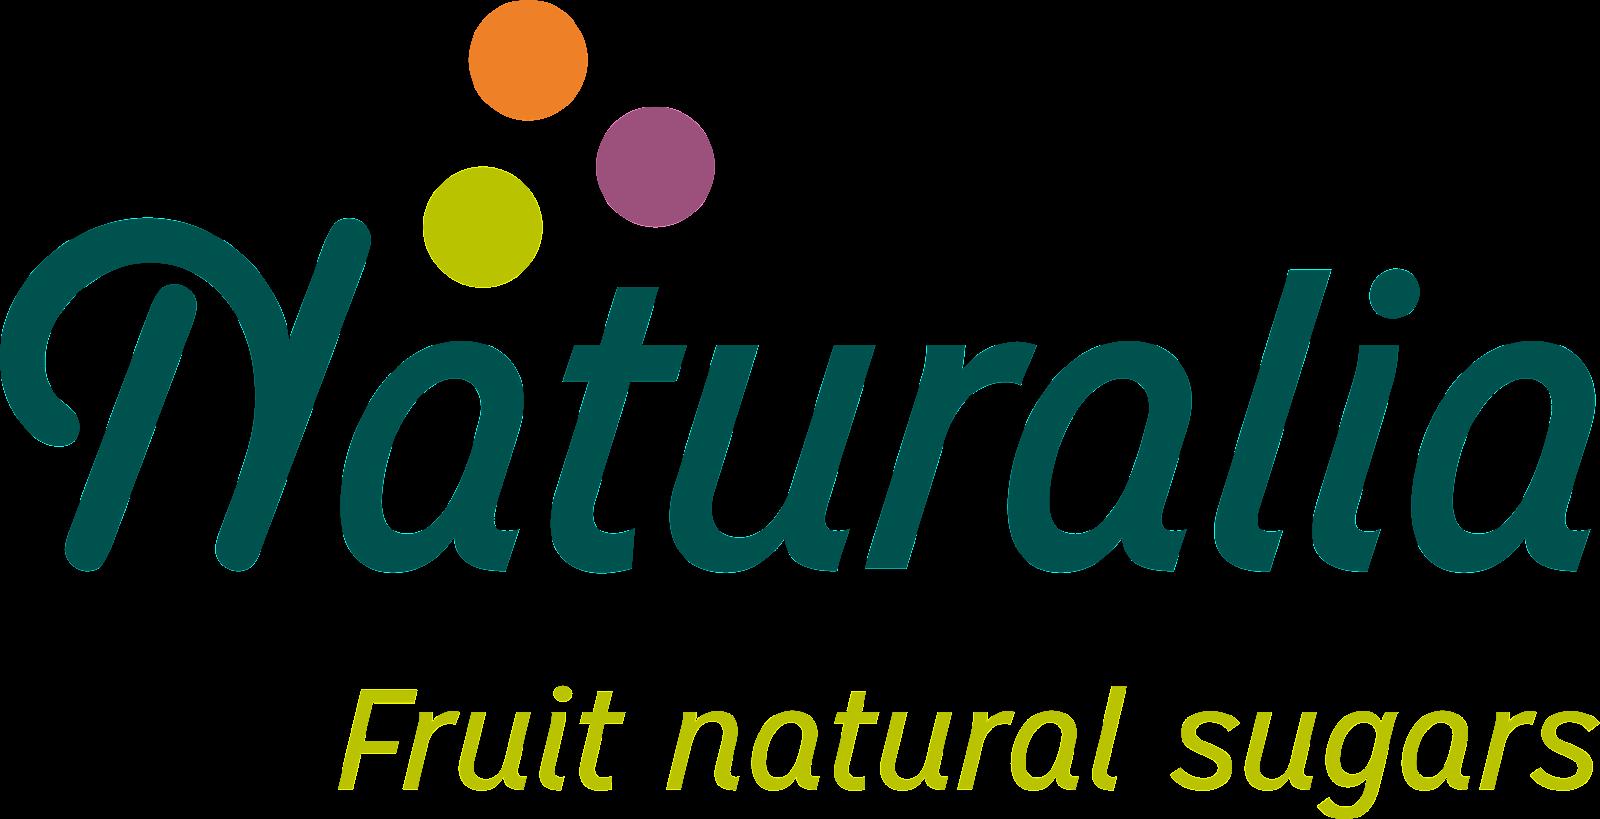 Logo Naturalia trasparente.png